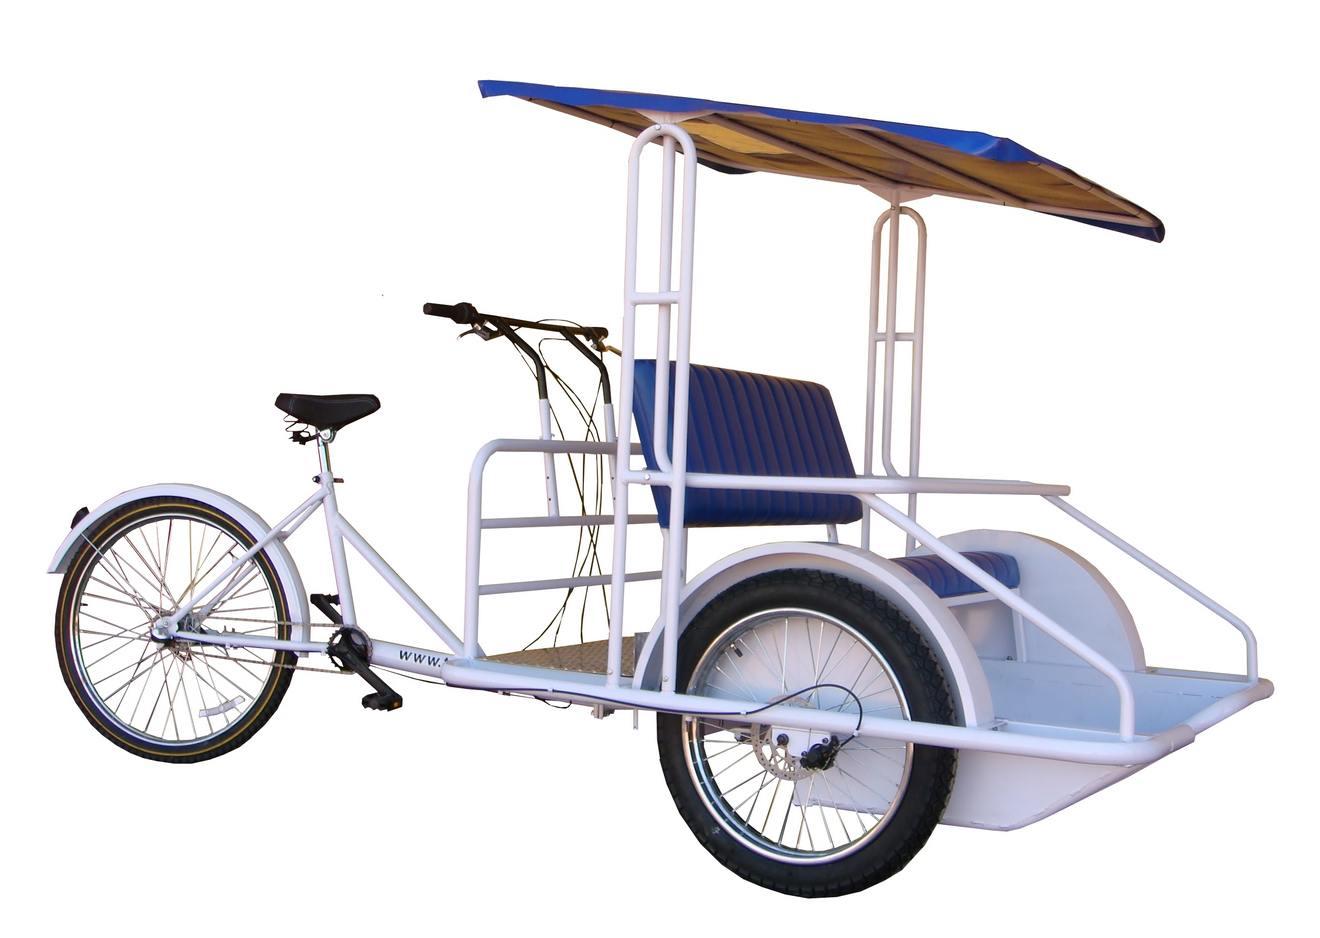 Yo y mis circunstancias cargo bikes for Bicicletta per tre persone